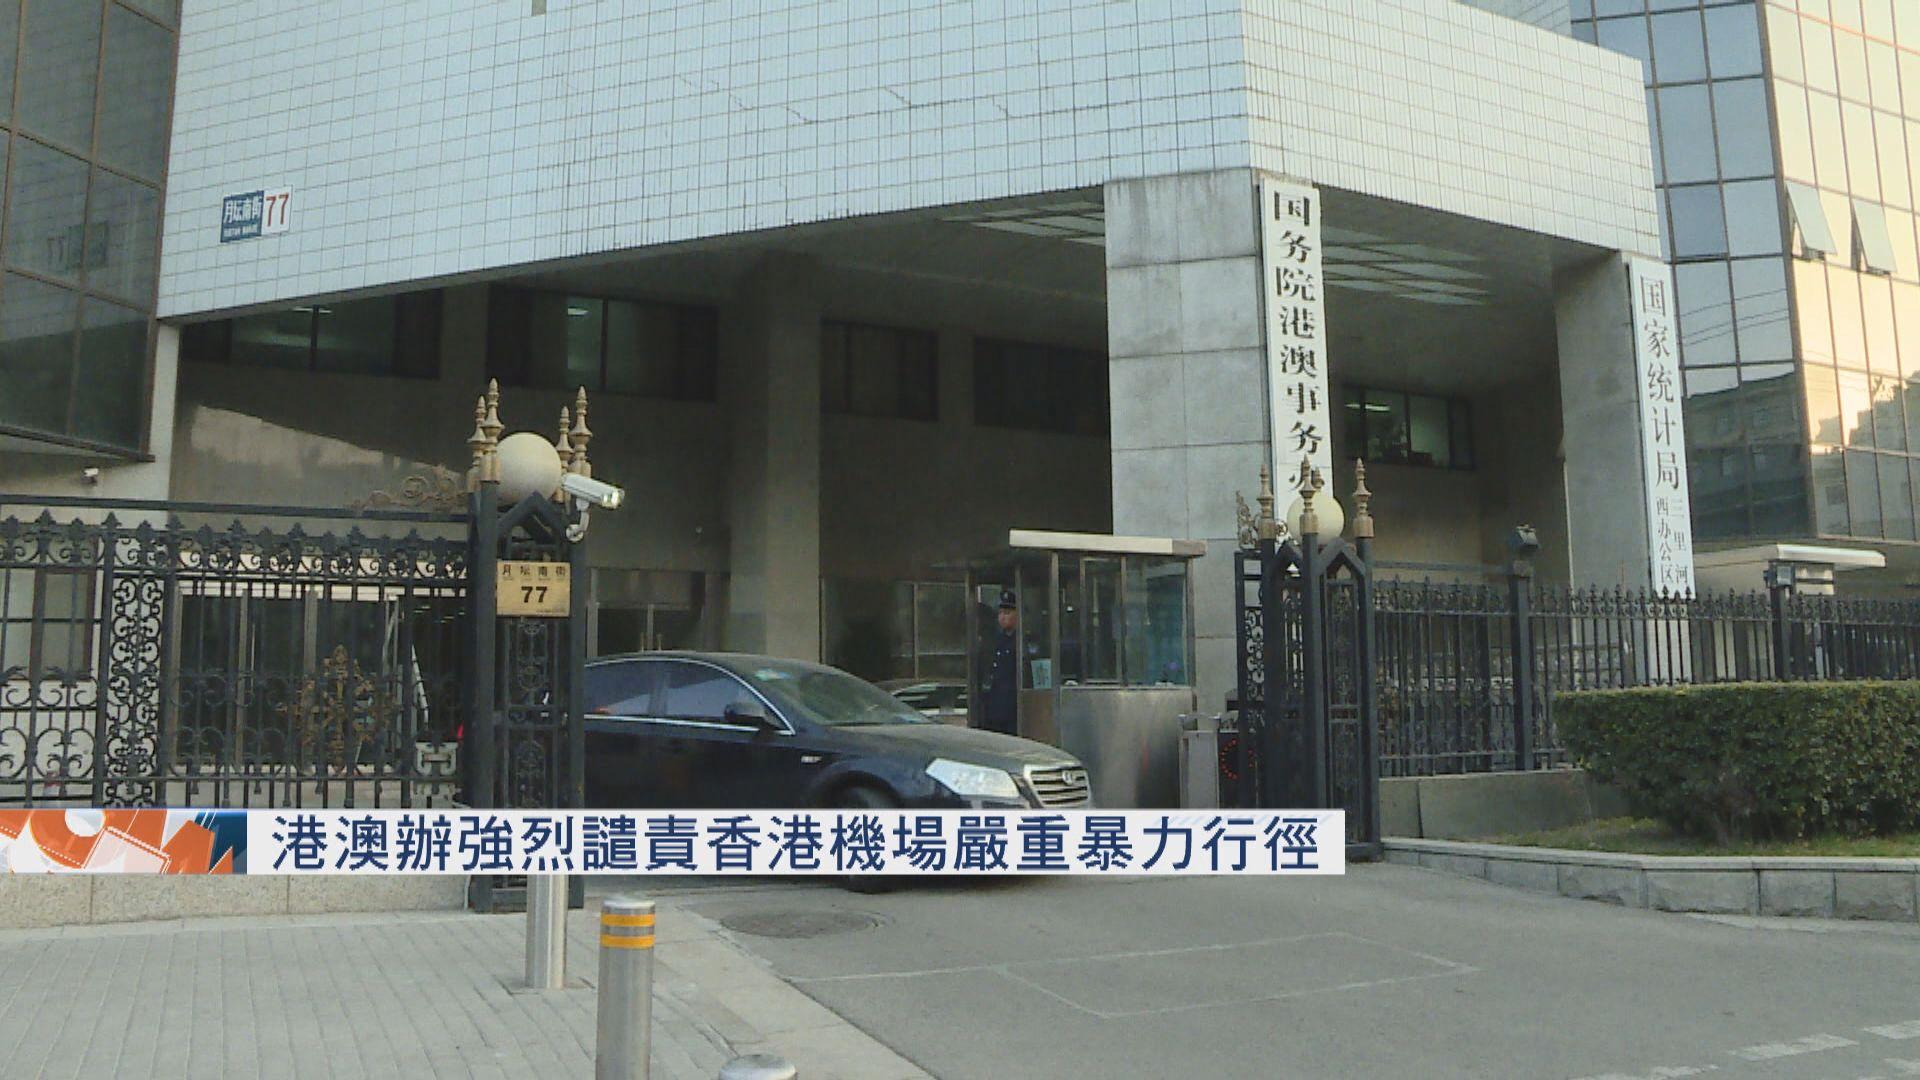 港澳辦強烈譴責香港機場嚴重暴力行徑